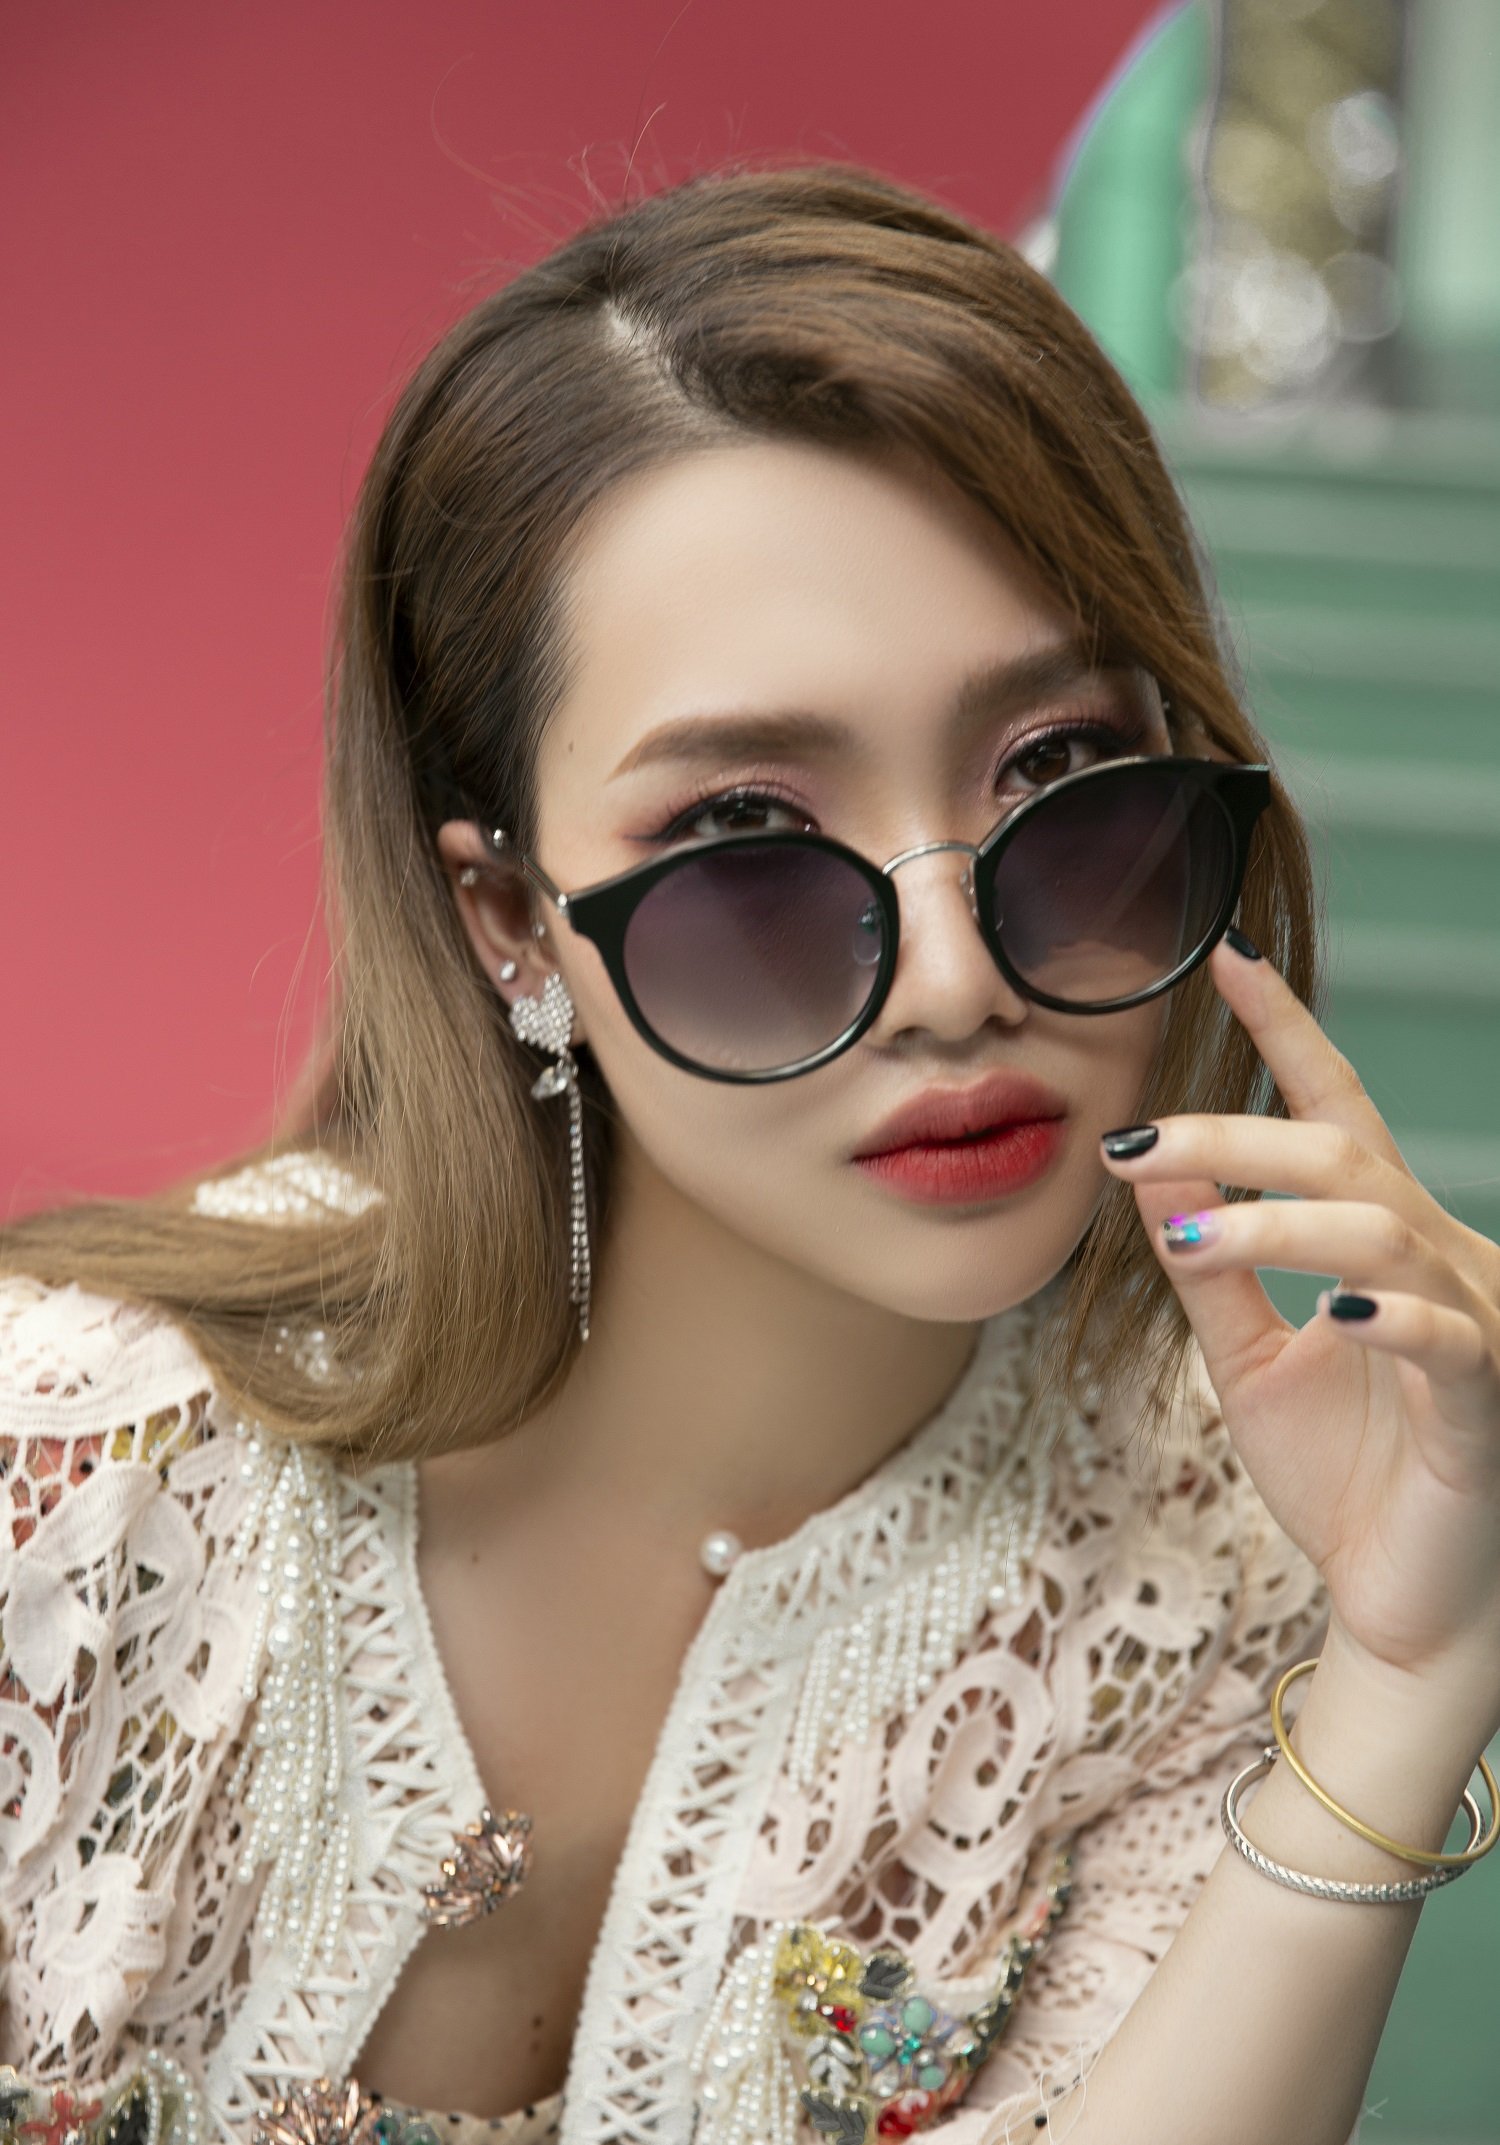 cô gái măc áo hoa đeo mắt kính